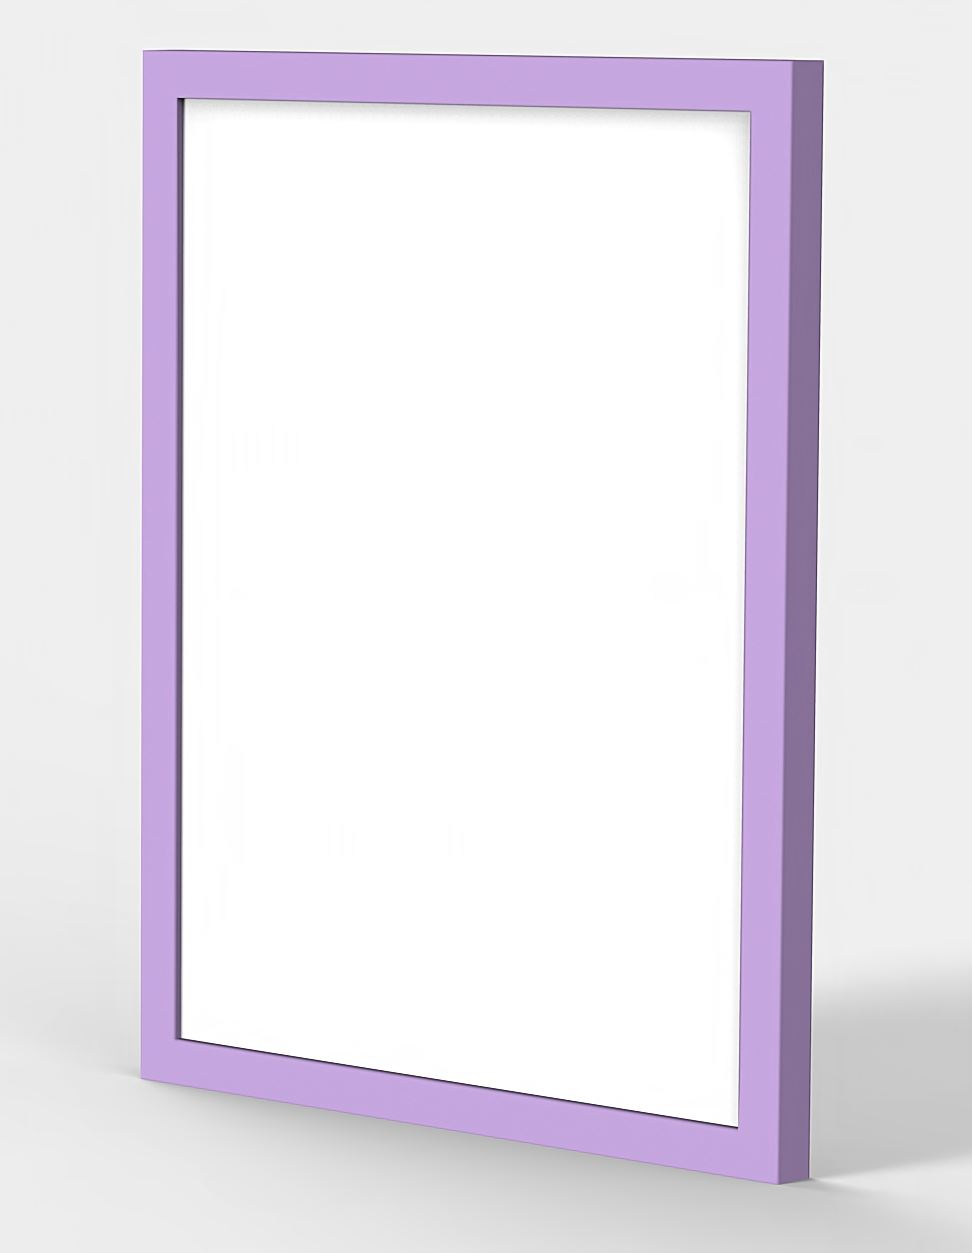 24x32 poster frame